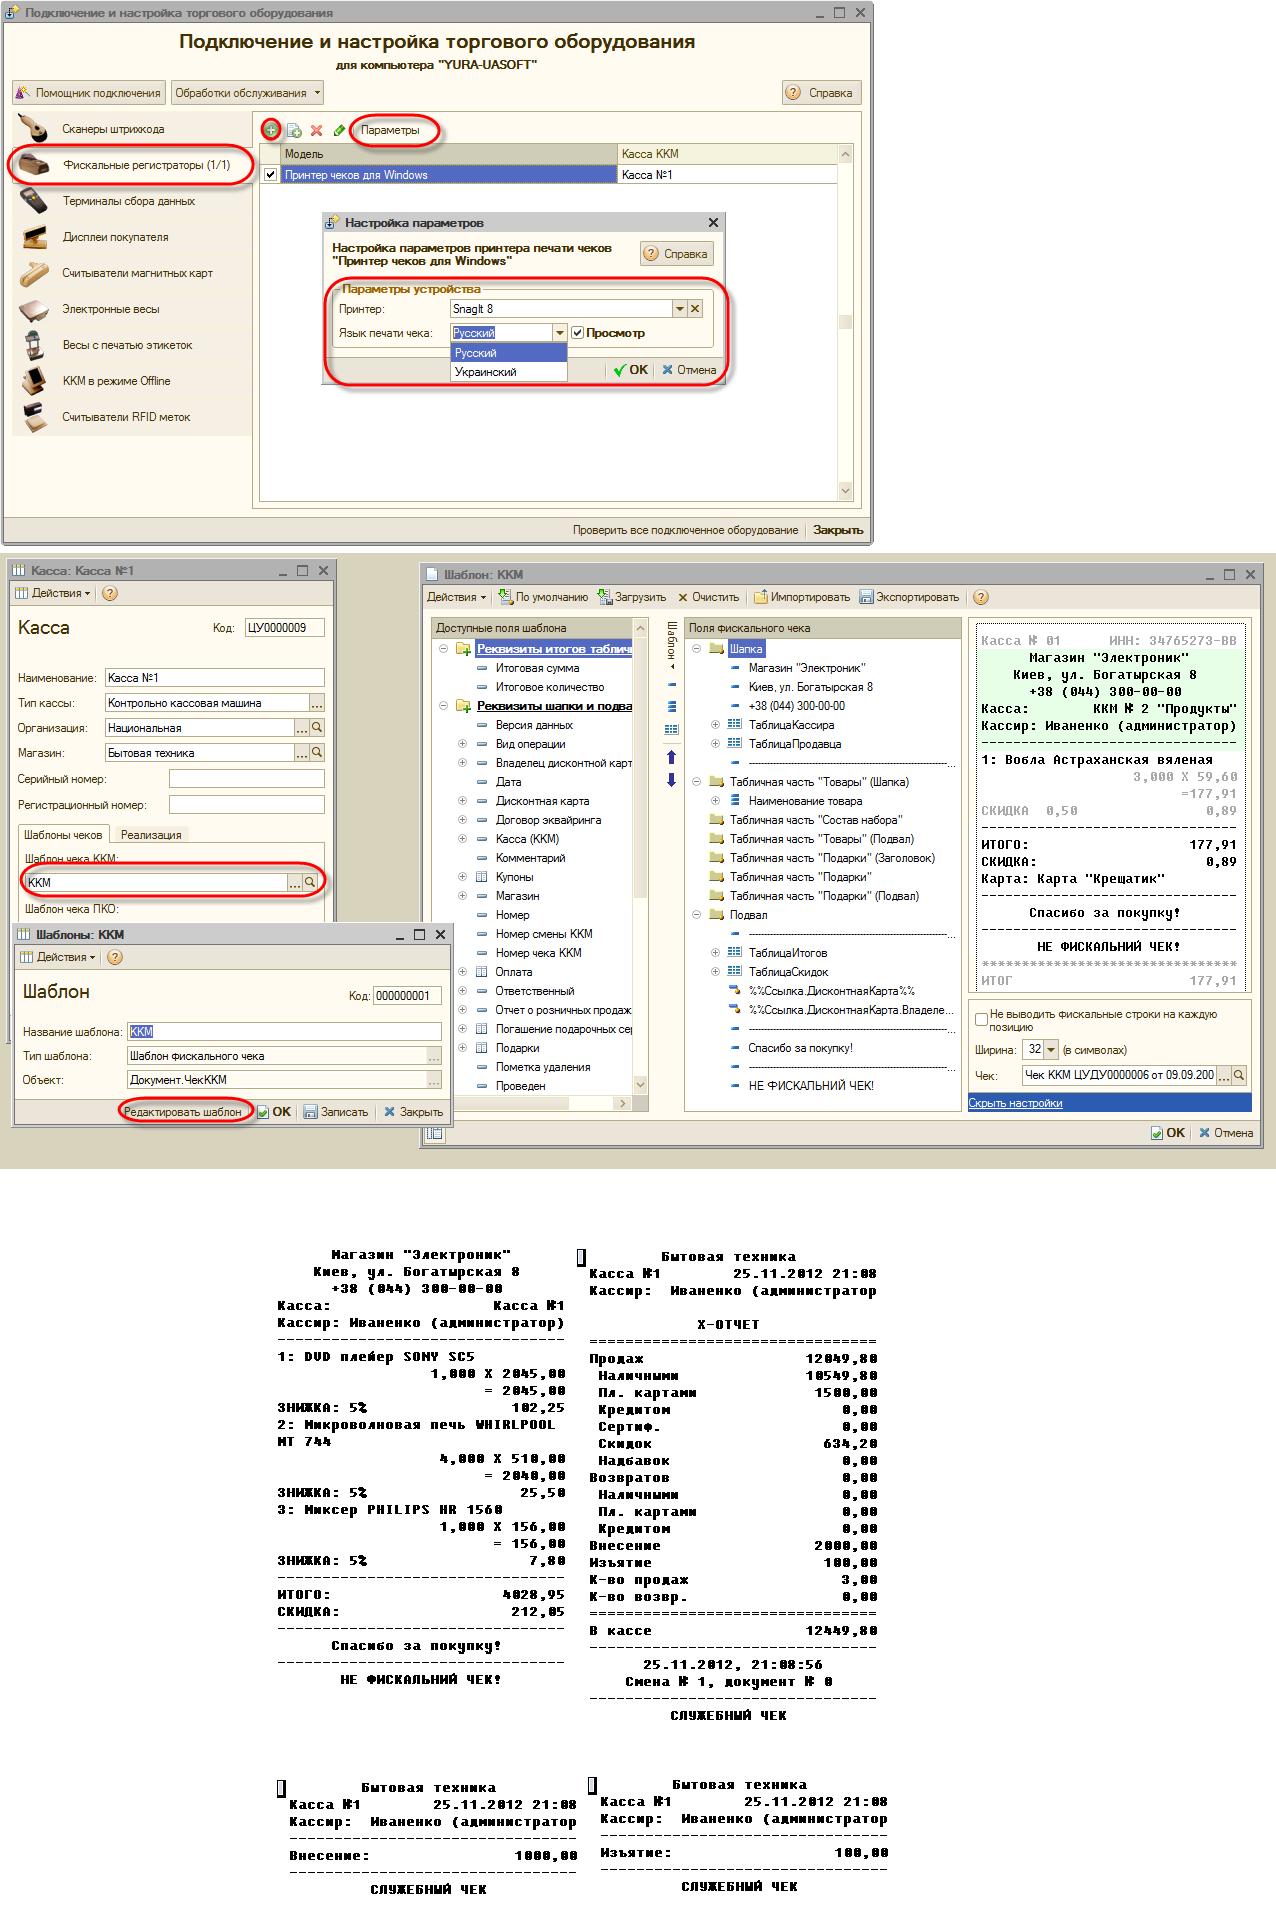 Обработка оборудования для печати чеков. Розница, редакция 1